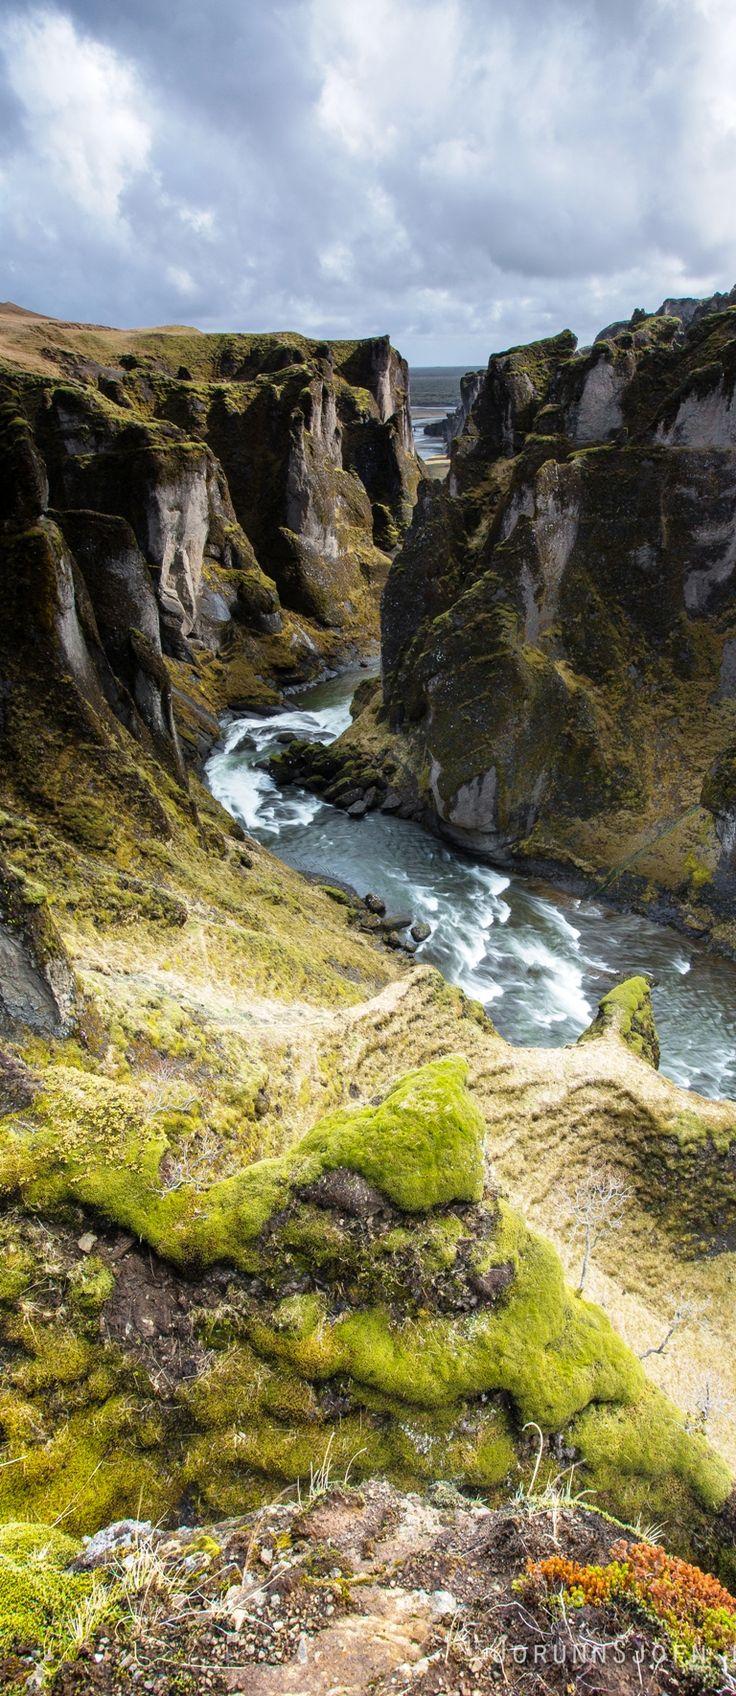 SUDURLAND, Fjaðrárgljúfur Canyon – Iceland . - 1) FJADRARGLIJUFUR est un canyon situé au S.E de l'Islande à environ 8 km de KIRKJUBAEJARKLAUSTUR. En certains endroits il atteint 100m de profondeur et sa longueur est d'approximativement 2 km. Il est traversé par la rivière éponyme FJADRA.